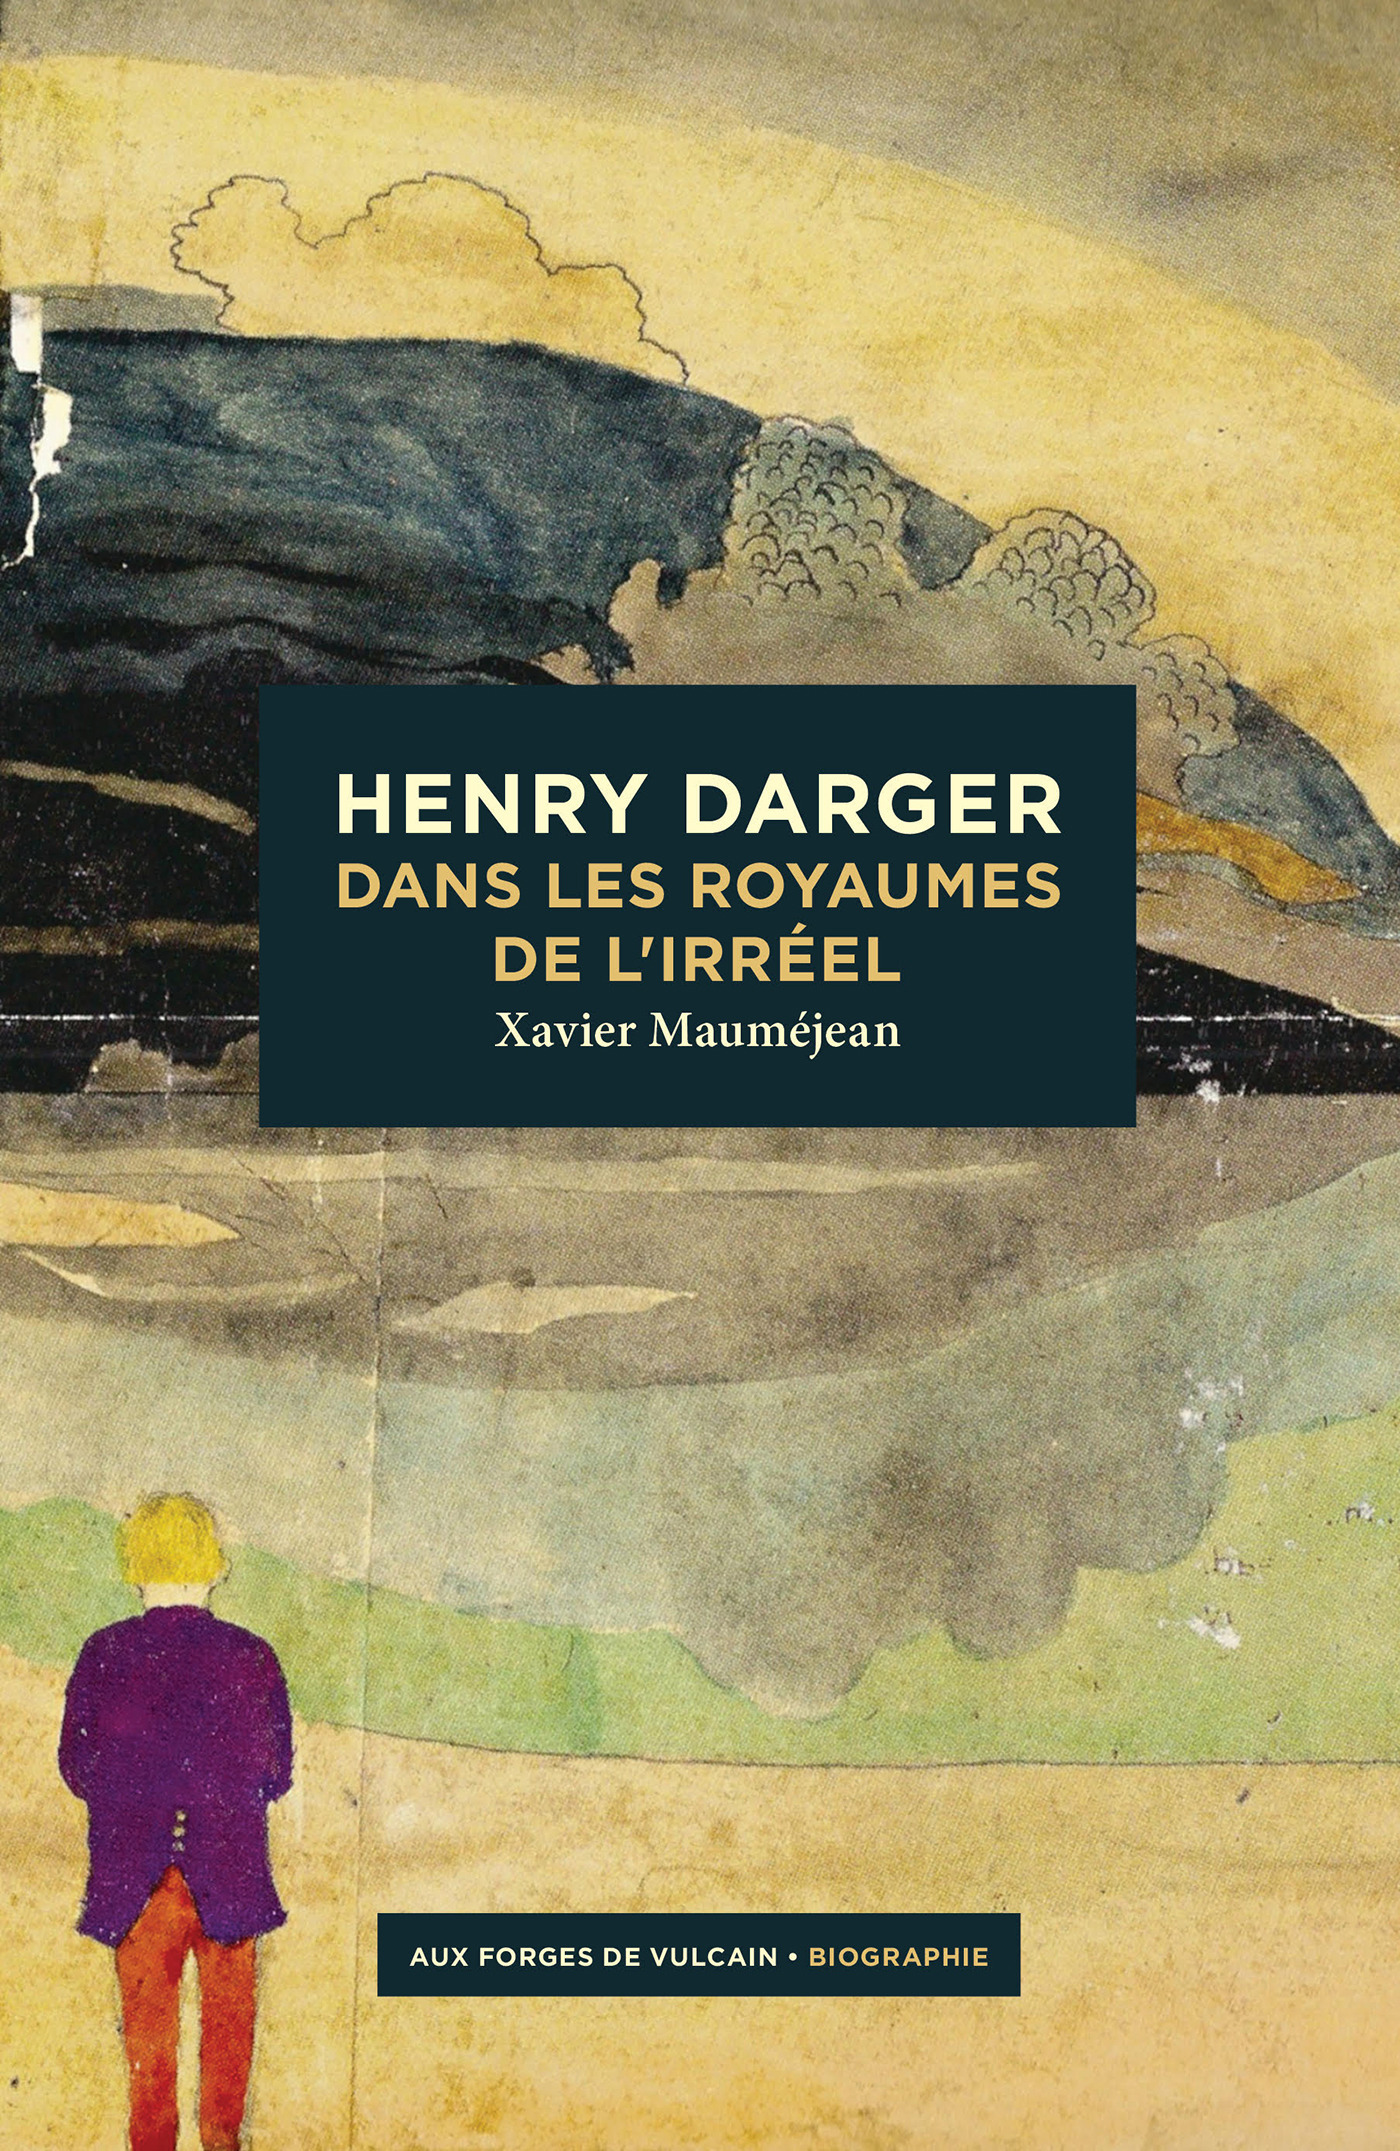 Henry Darger ; dans les royaumes de l'irréel